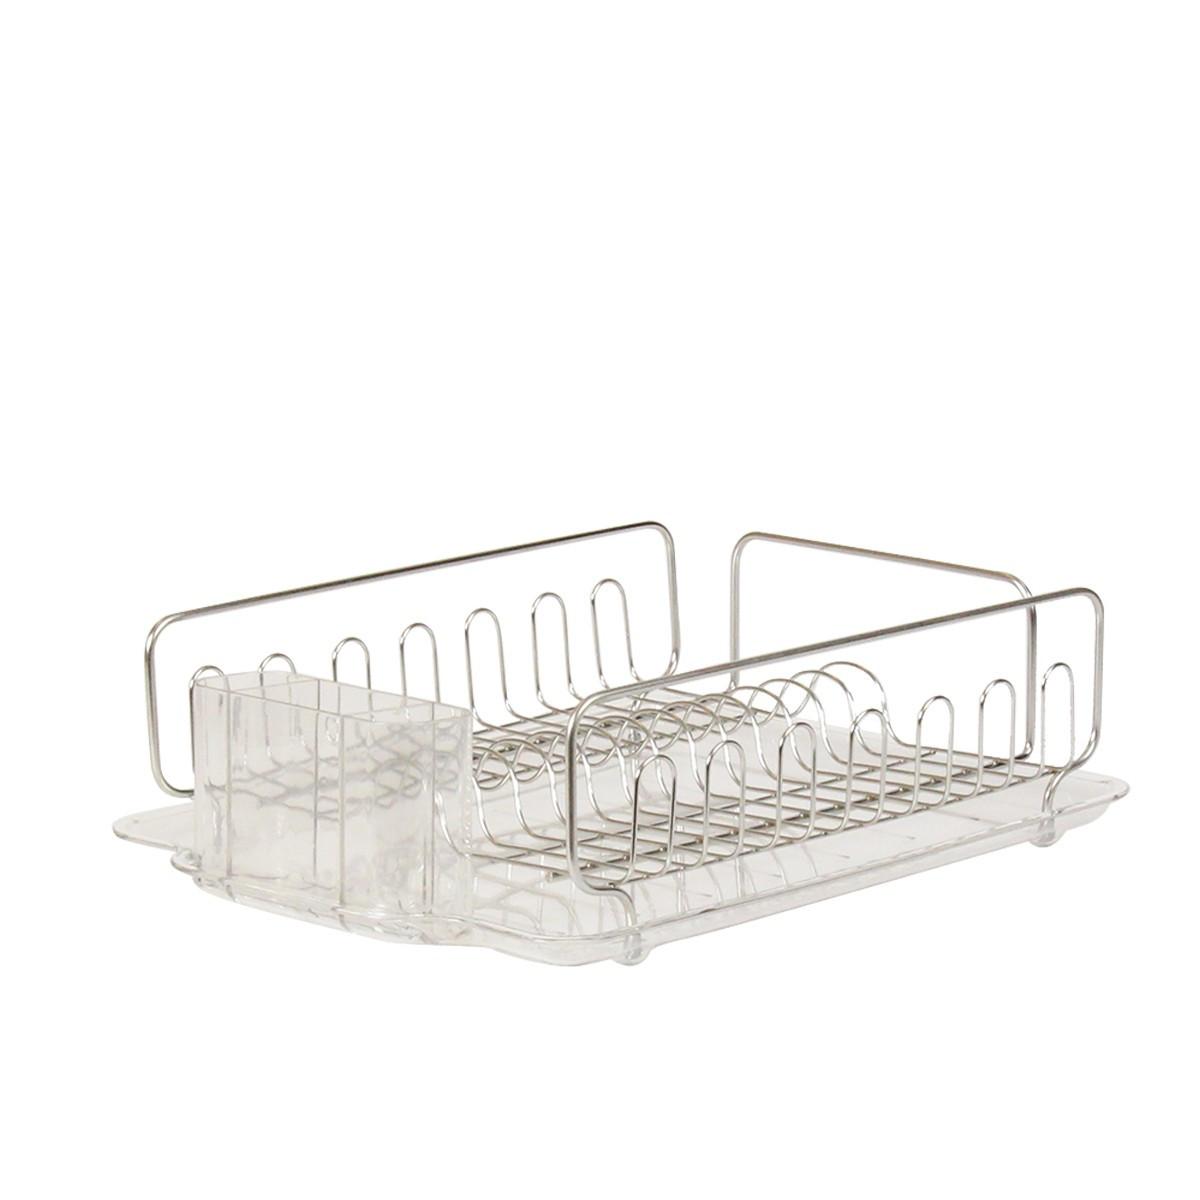 Egouttoir en inox et plastique transparent rangement cuisine for Plateau en inox cuisine